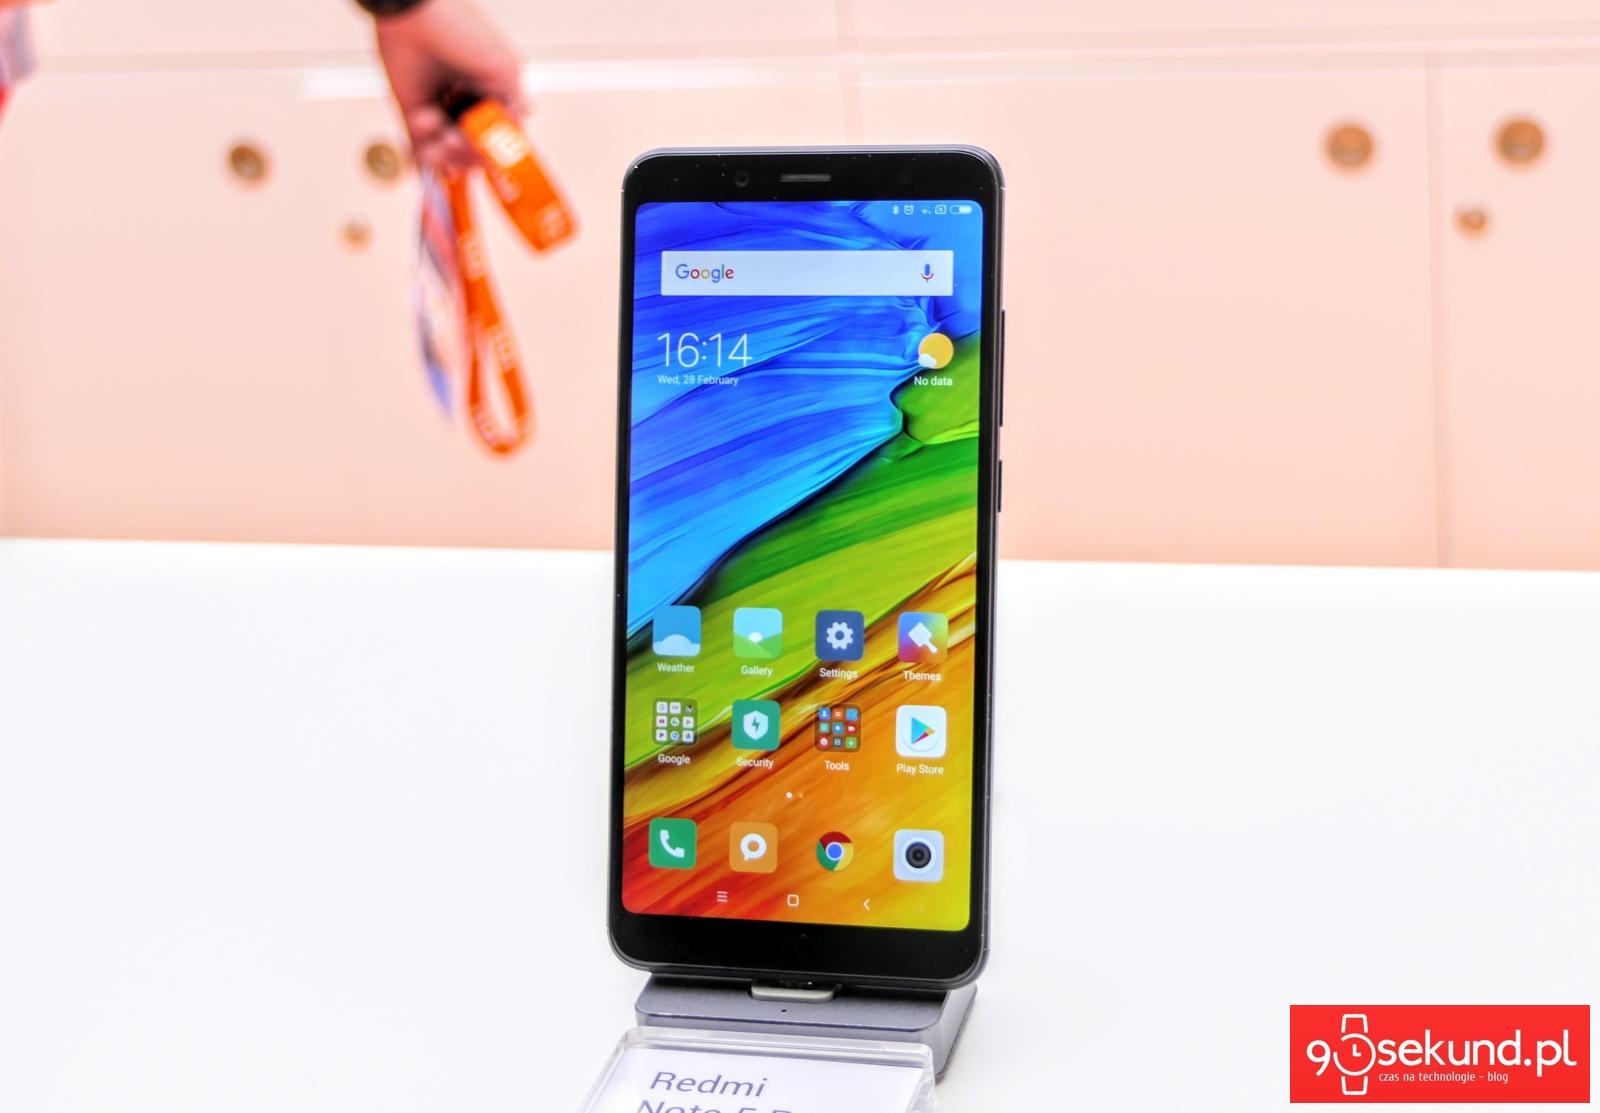 Xiaomi Redmi Note 5 Pro - 90sekund.pl